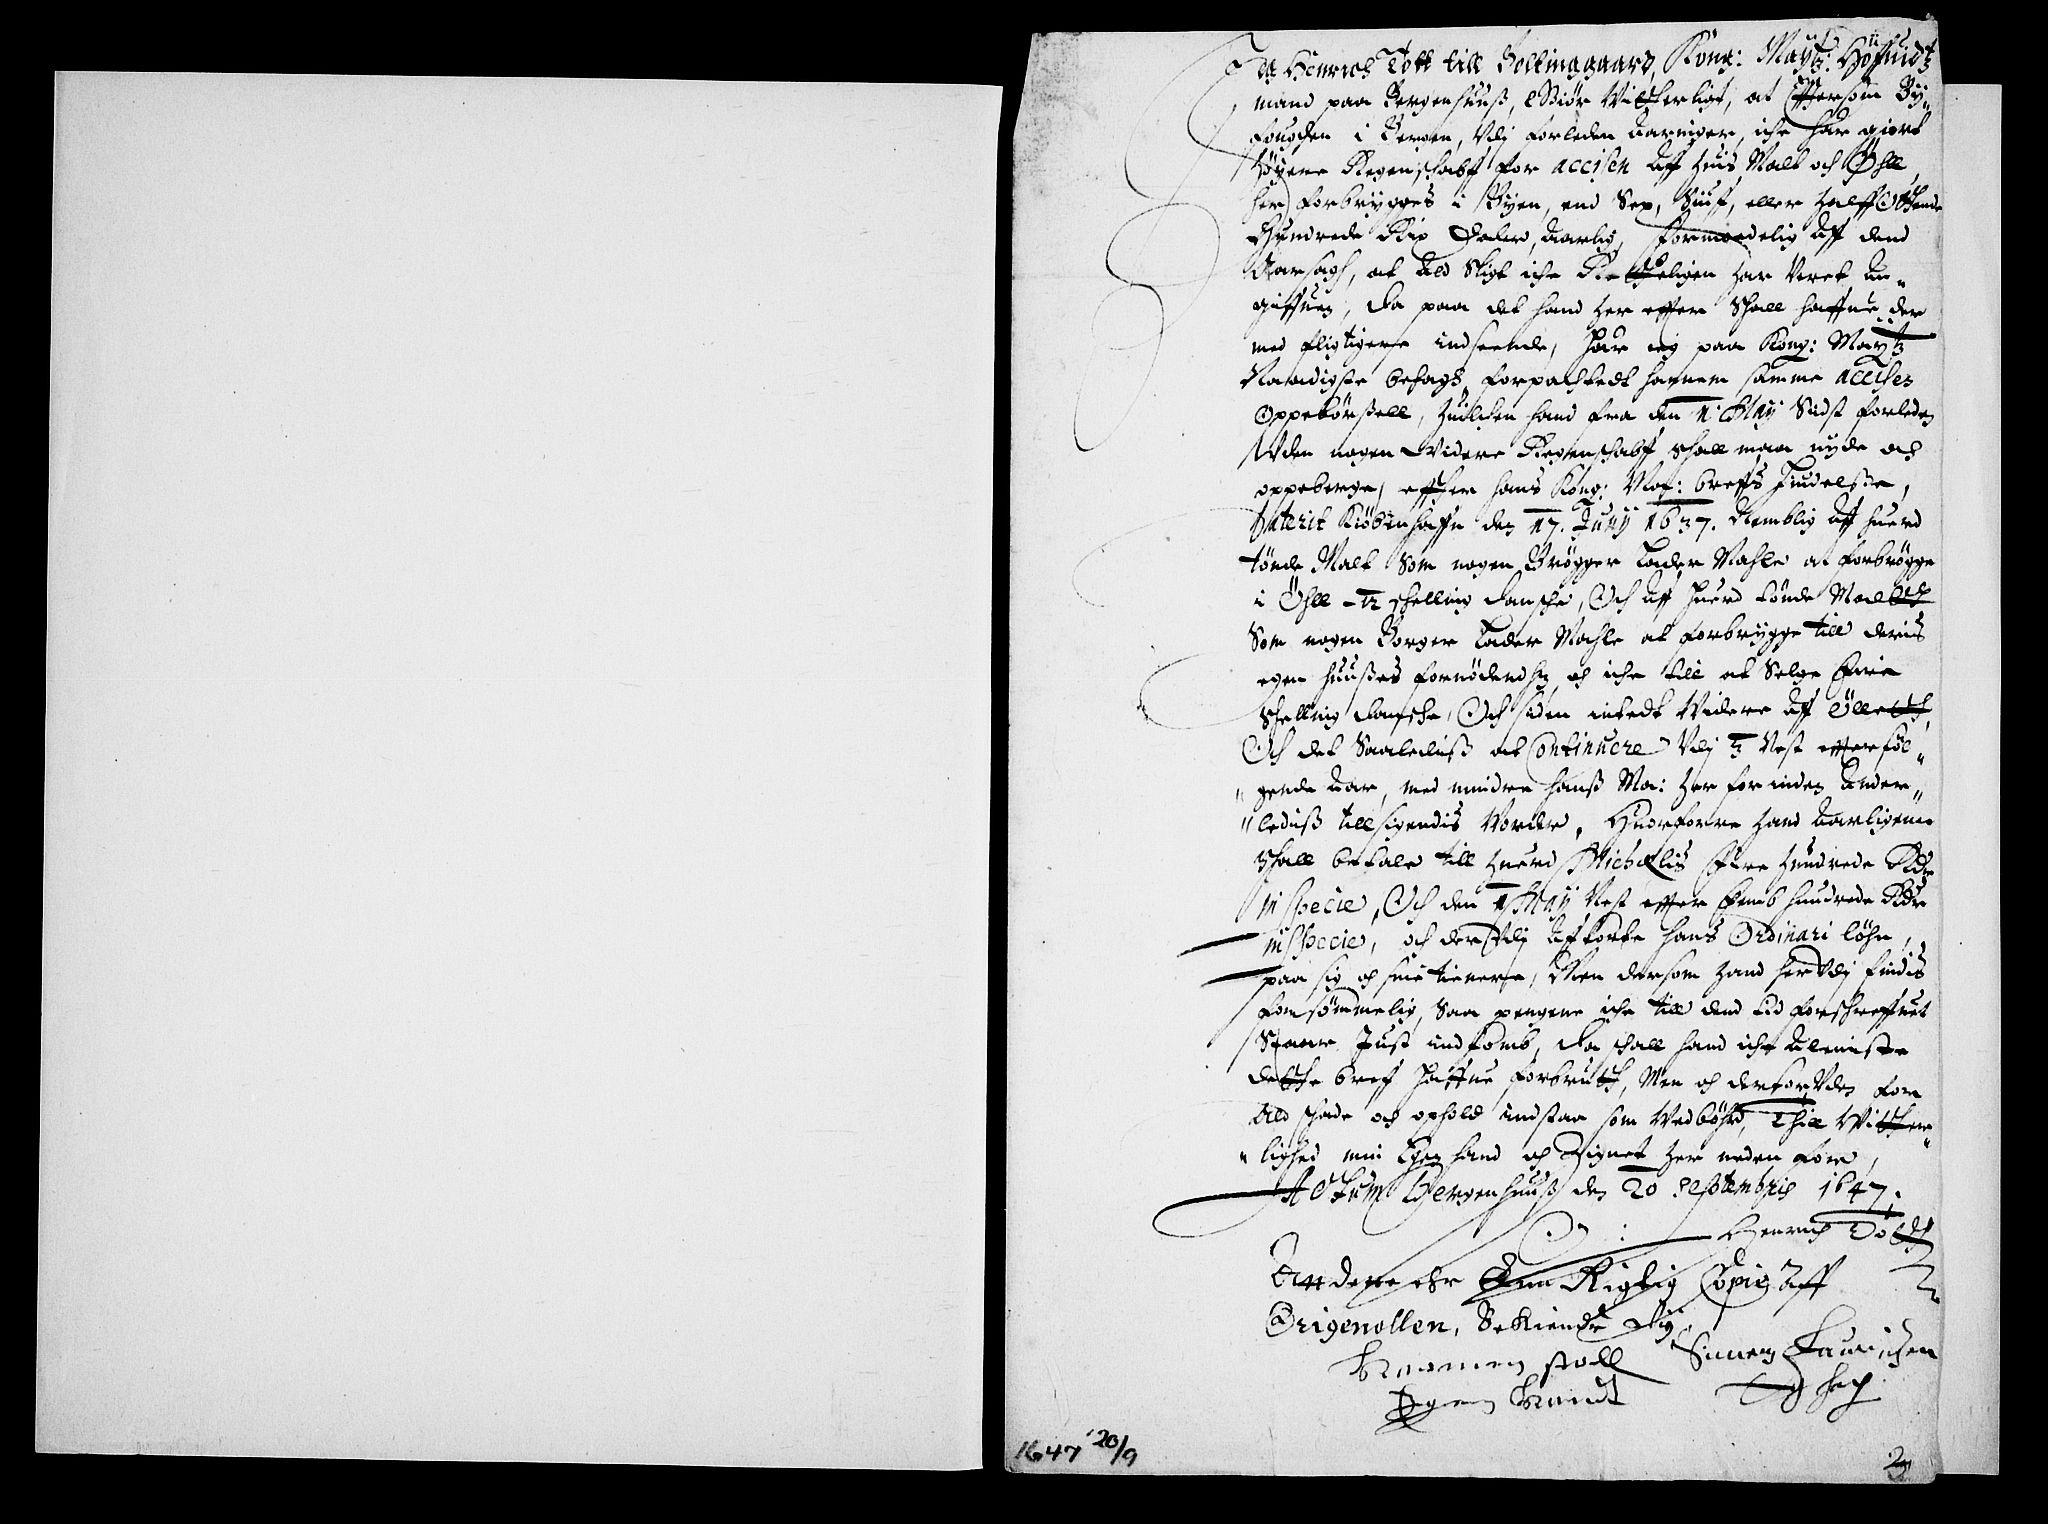 RA, Danske Kanselli, Skapsaker, G/L0019: Tillegg til skapsakene, 1616-1753, p. 112